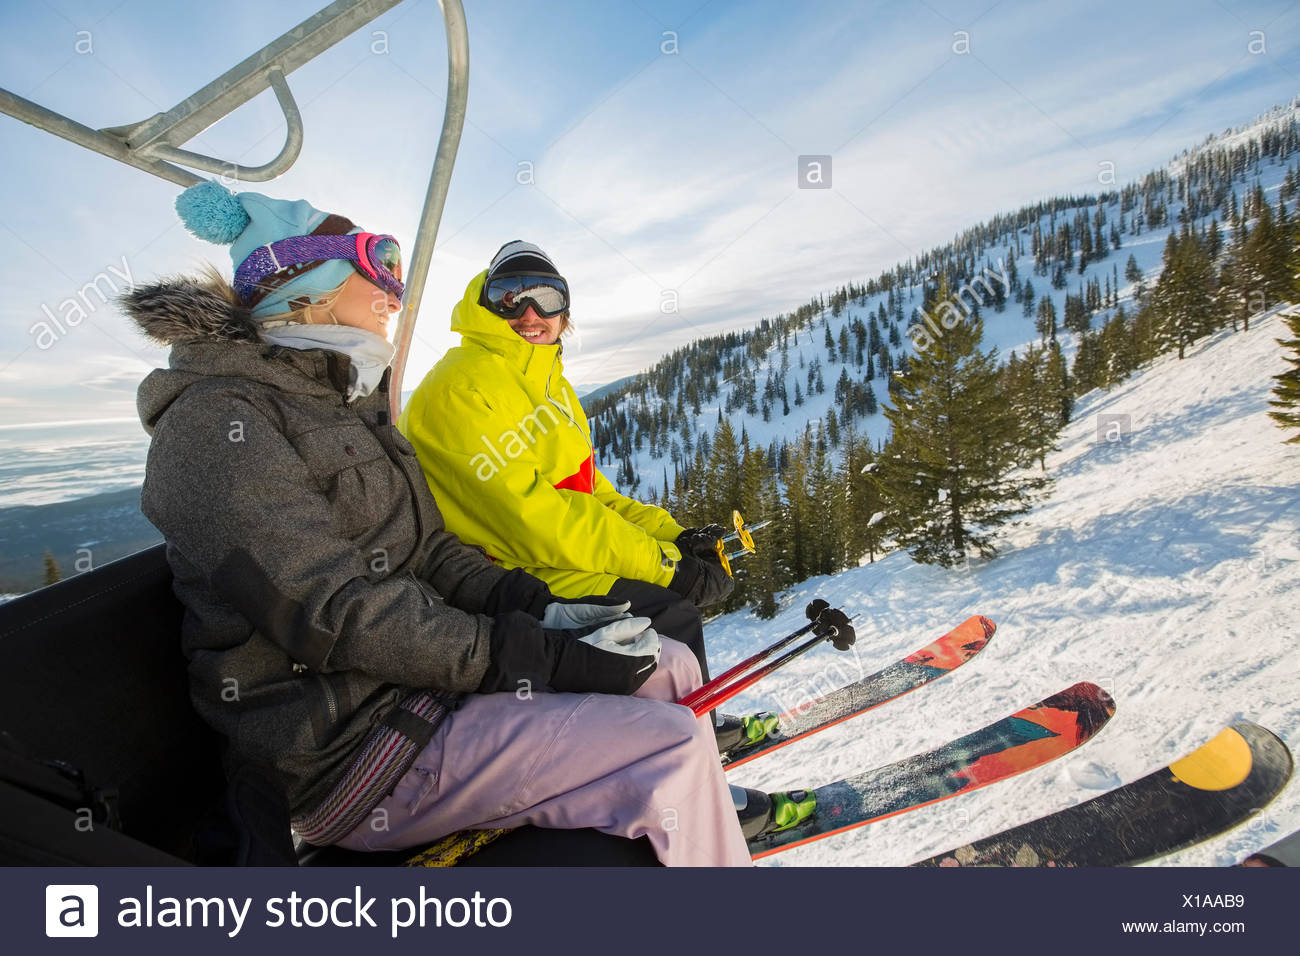 Matura in skiwear seduto su sci lift Immagini Stock